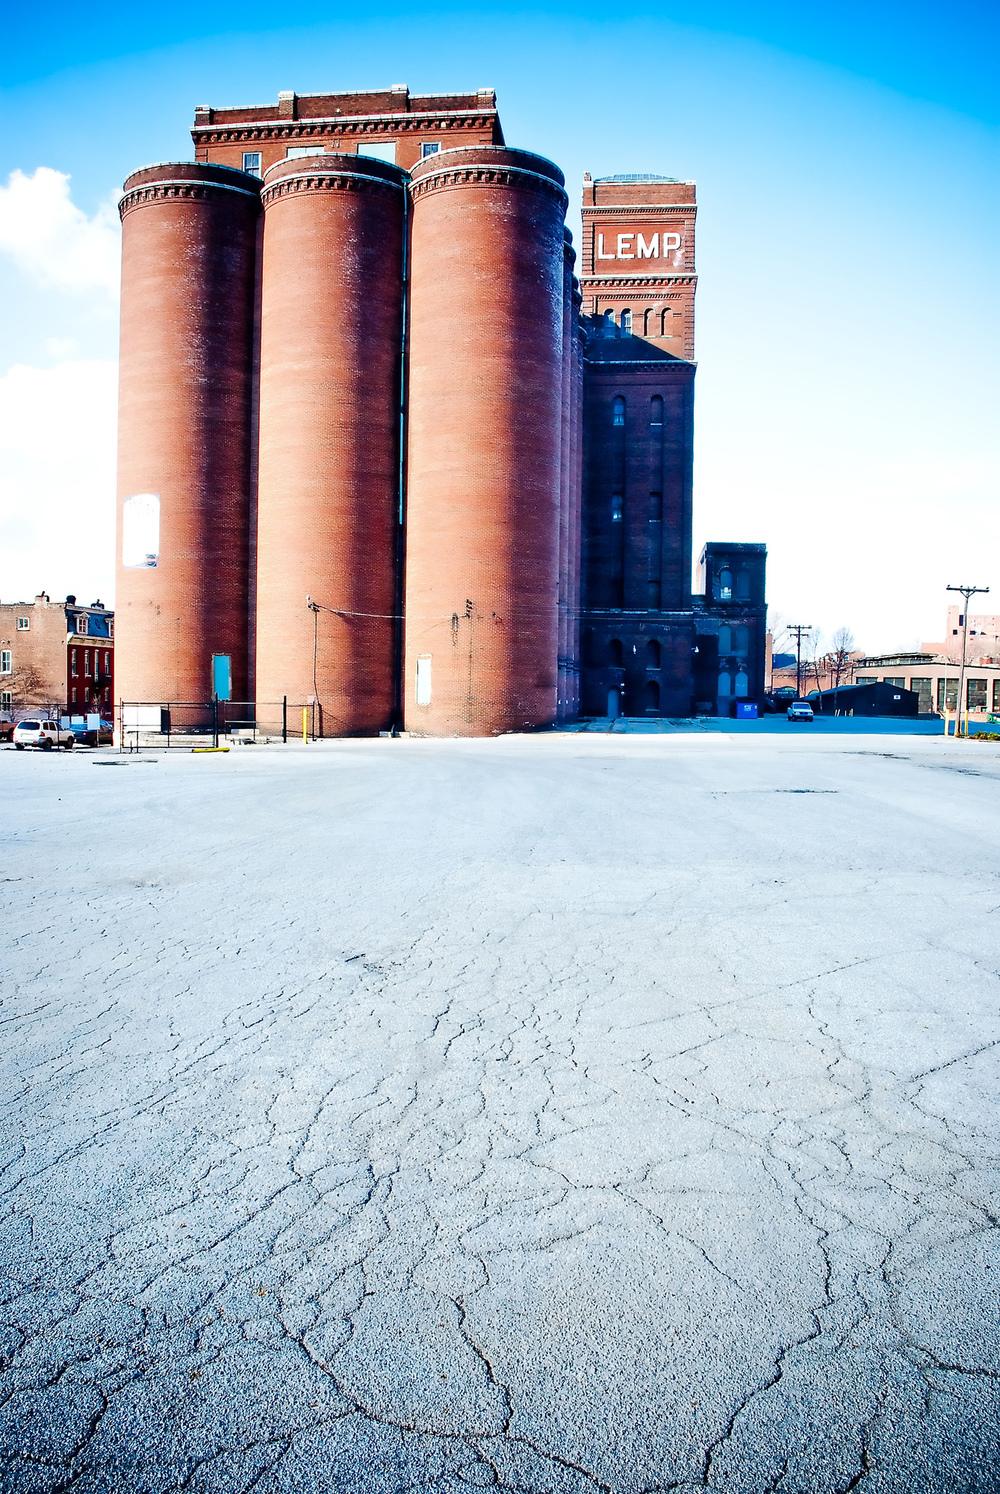 Lemp-Brewery-19.jpg